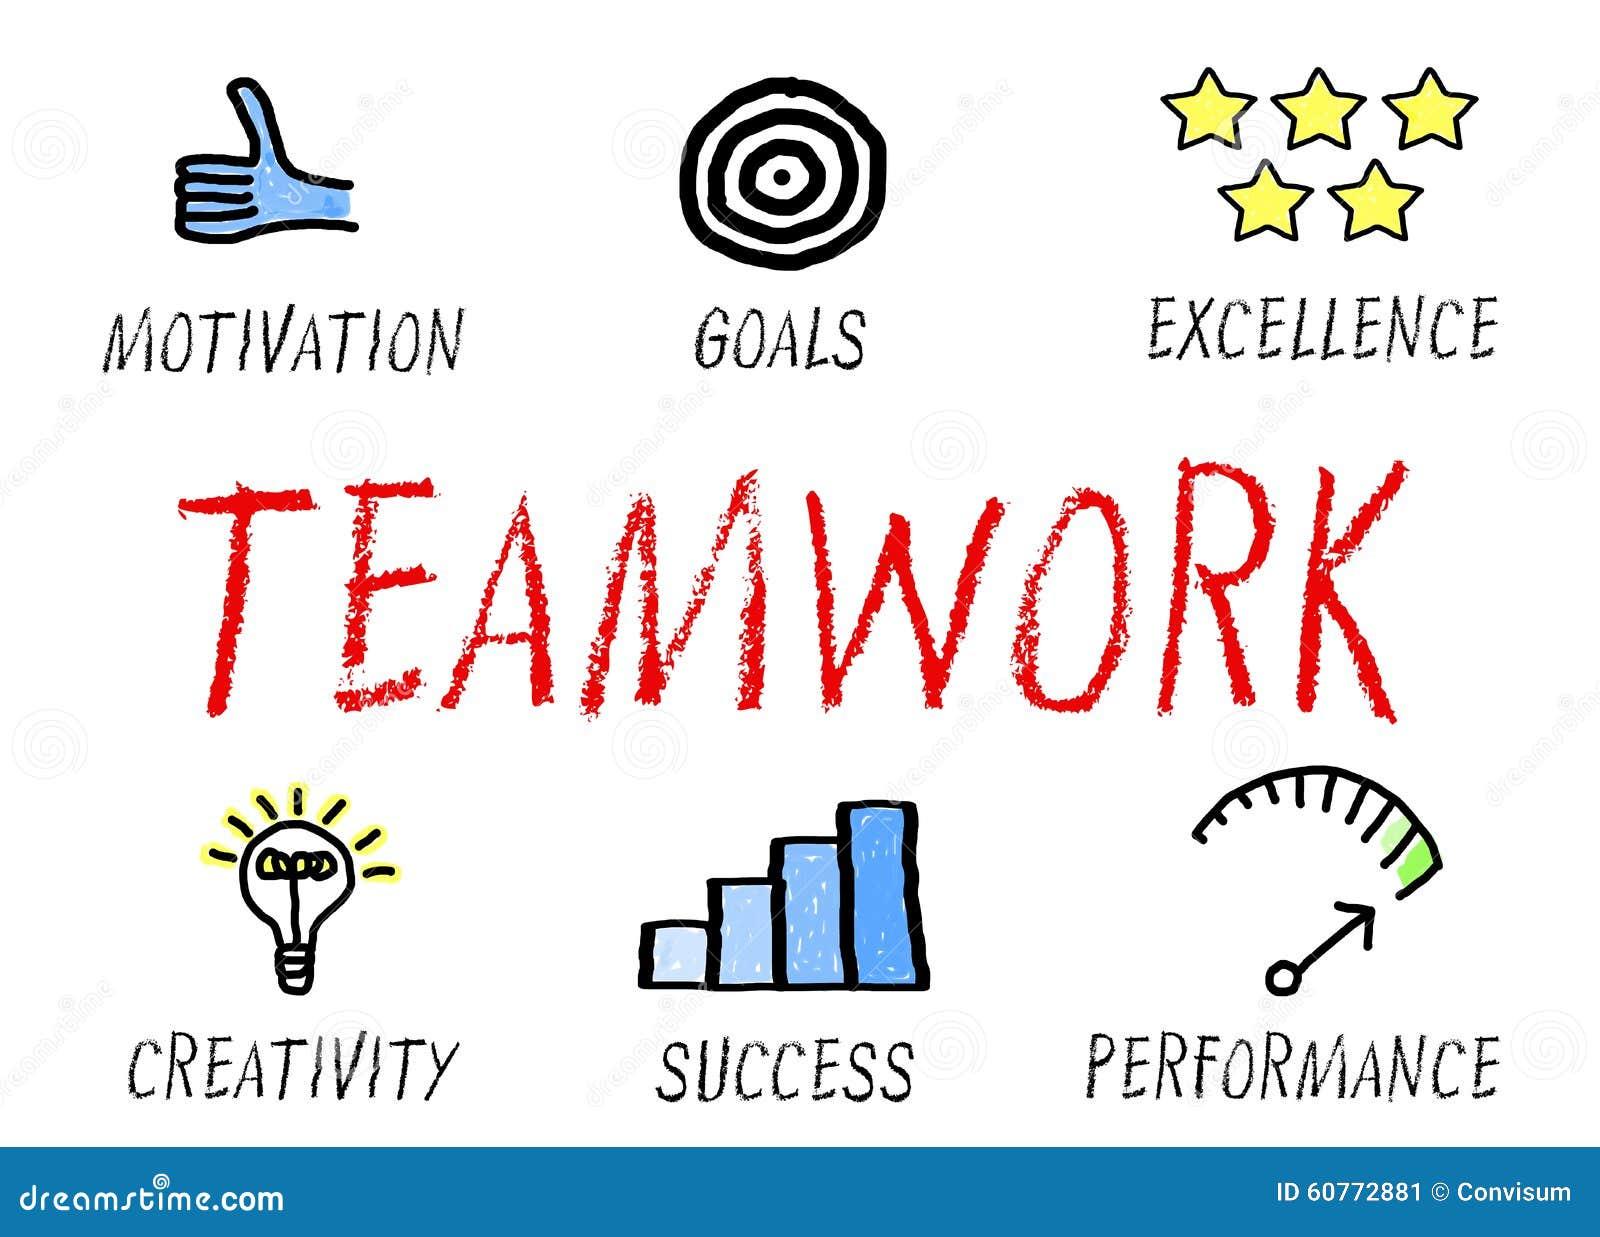 teamwork concept stock illustration image  teamwork concept